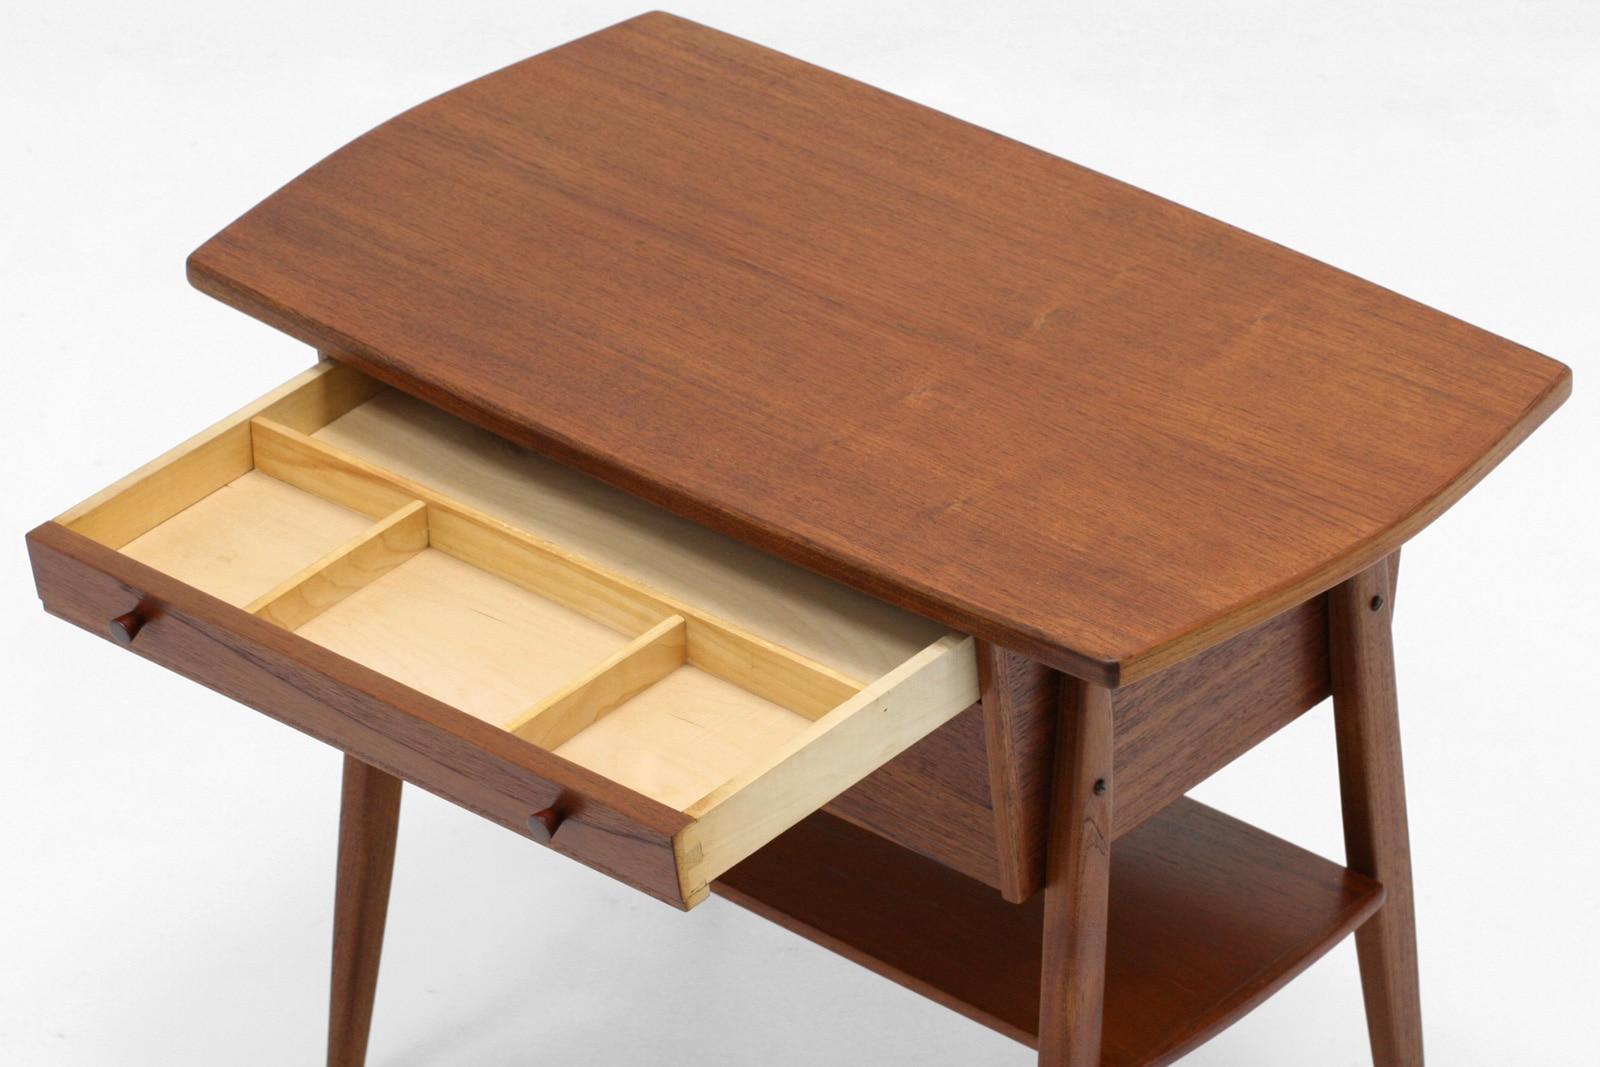 ヴィンテージ,北欧,家具,小さい,キャビネット,サイドテーブル